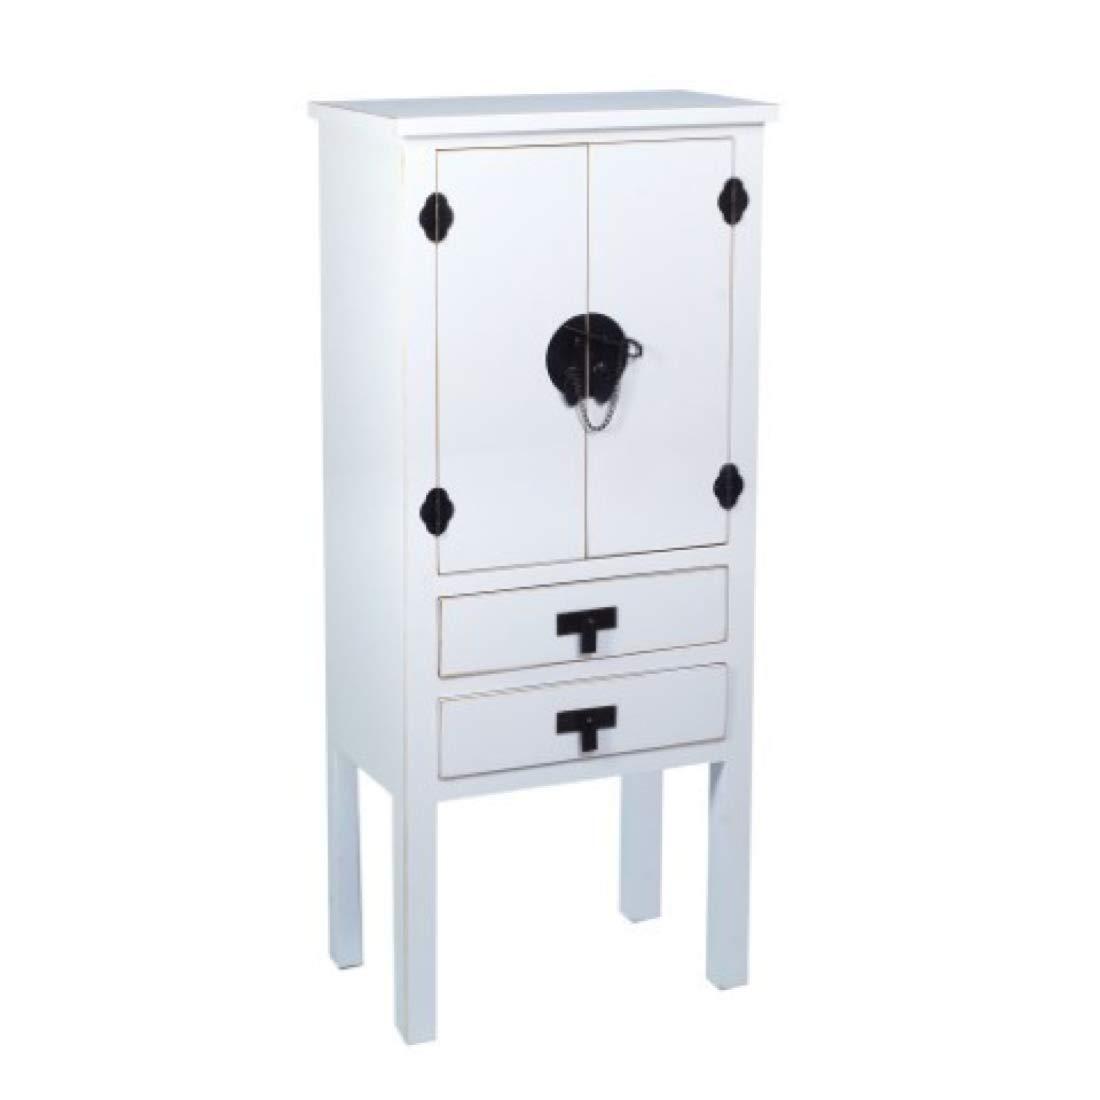 Vidal Regalos Kommodenschrank Retro, mit 2 Türen und 2 Schubladen, Holz, Weiss, 110 cm